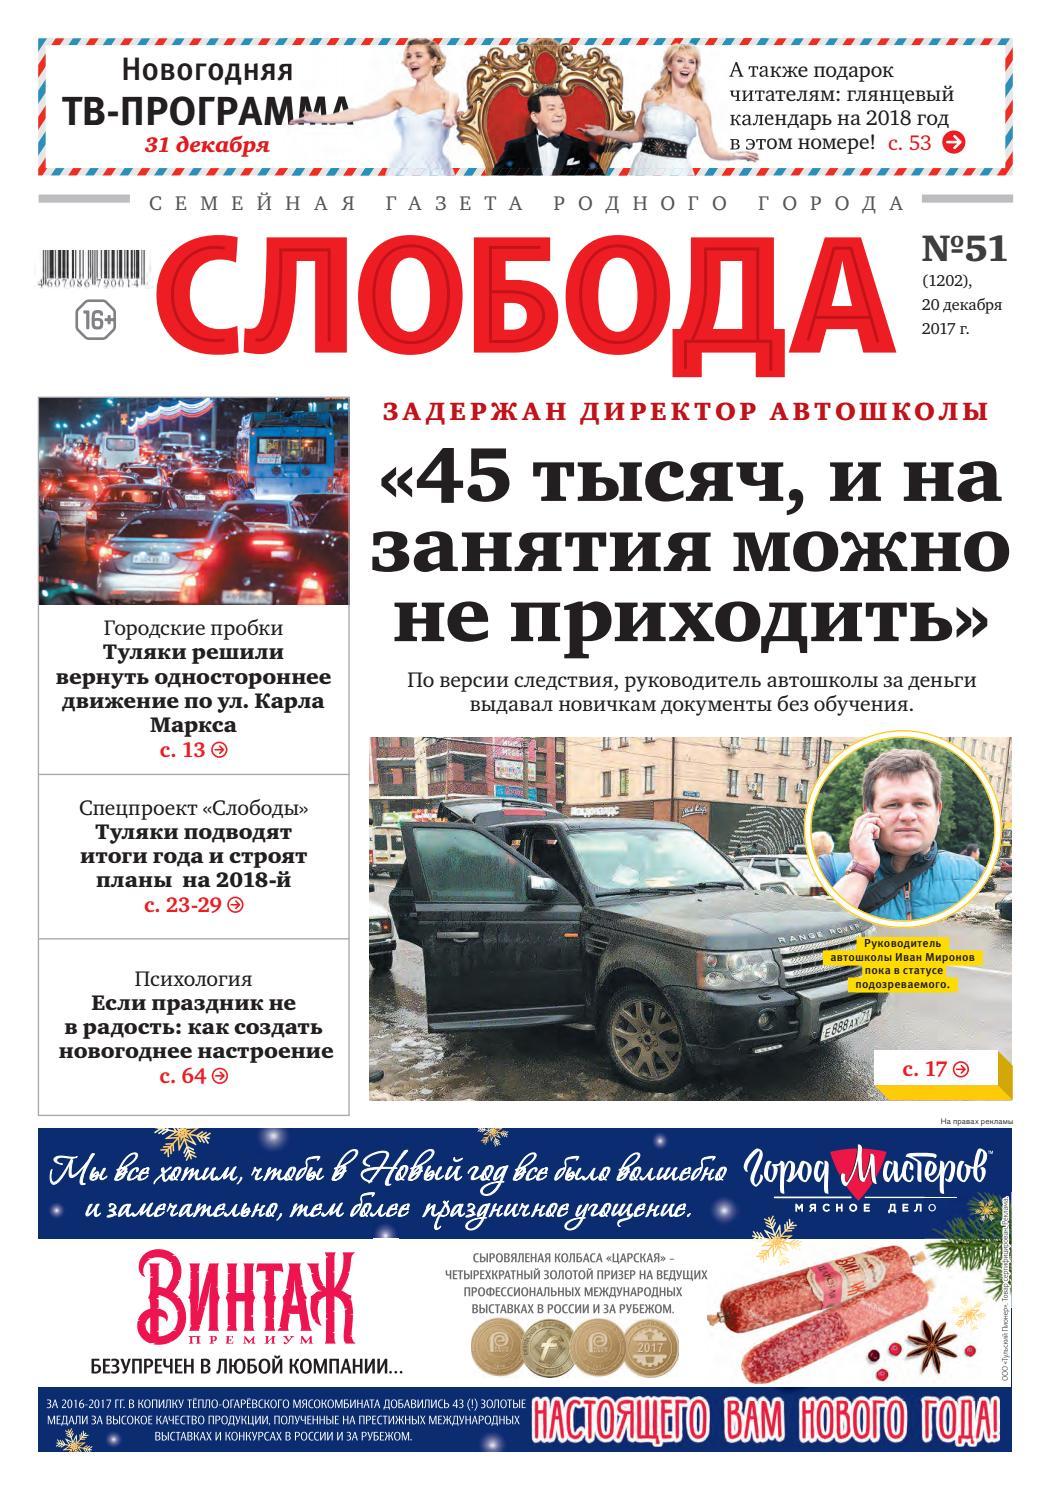 Займ под птс авто Демидовский Малый переулок займы под птс в москве Ляпидевского улица